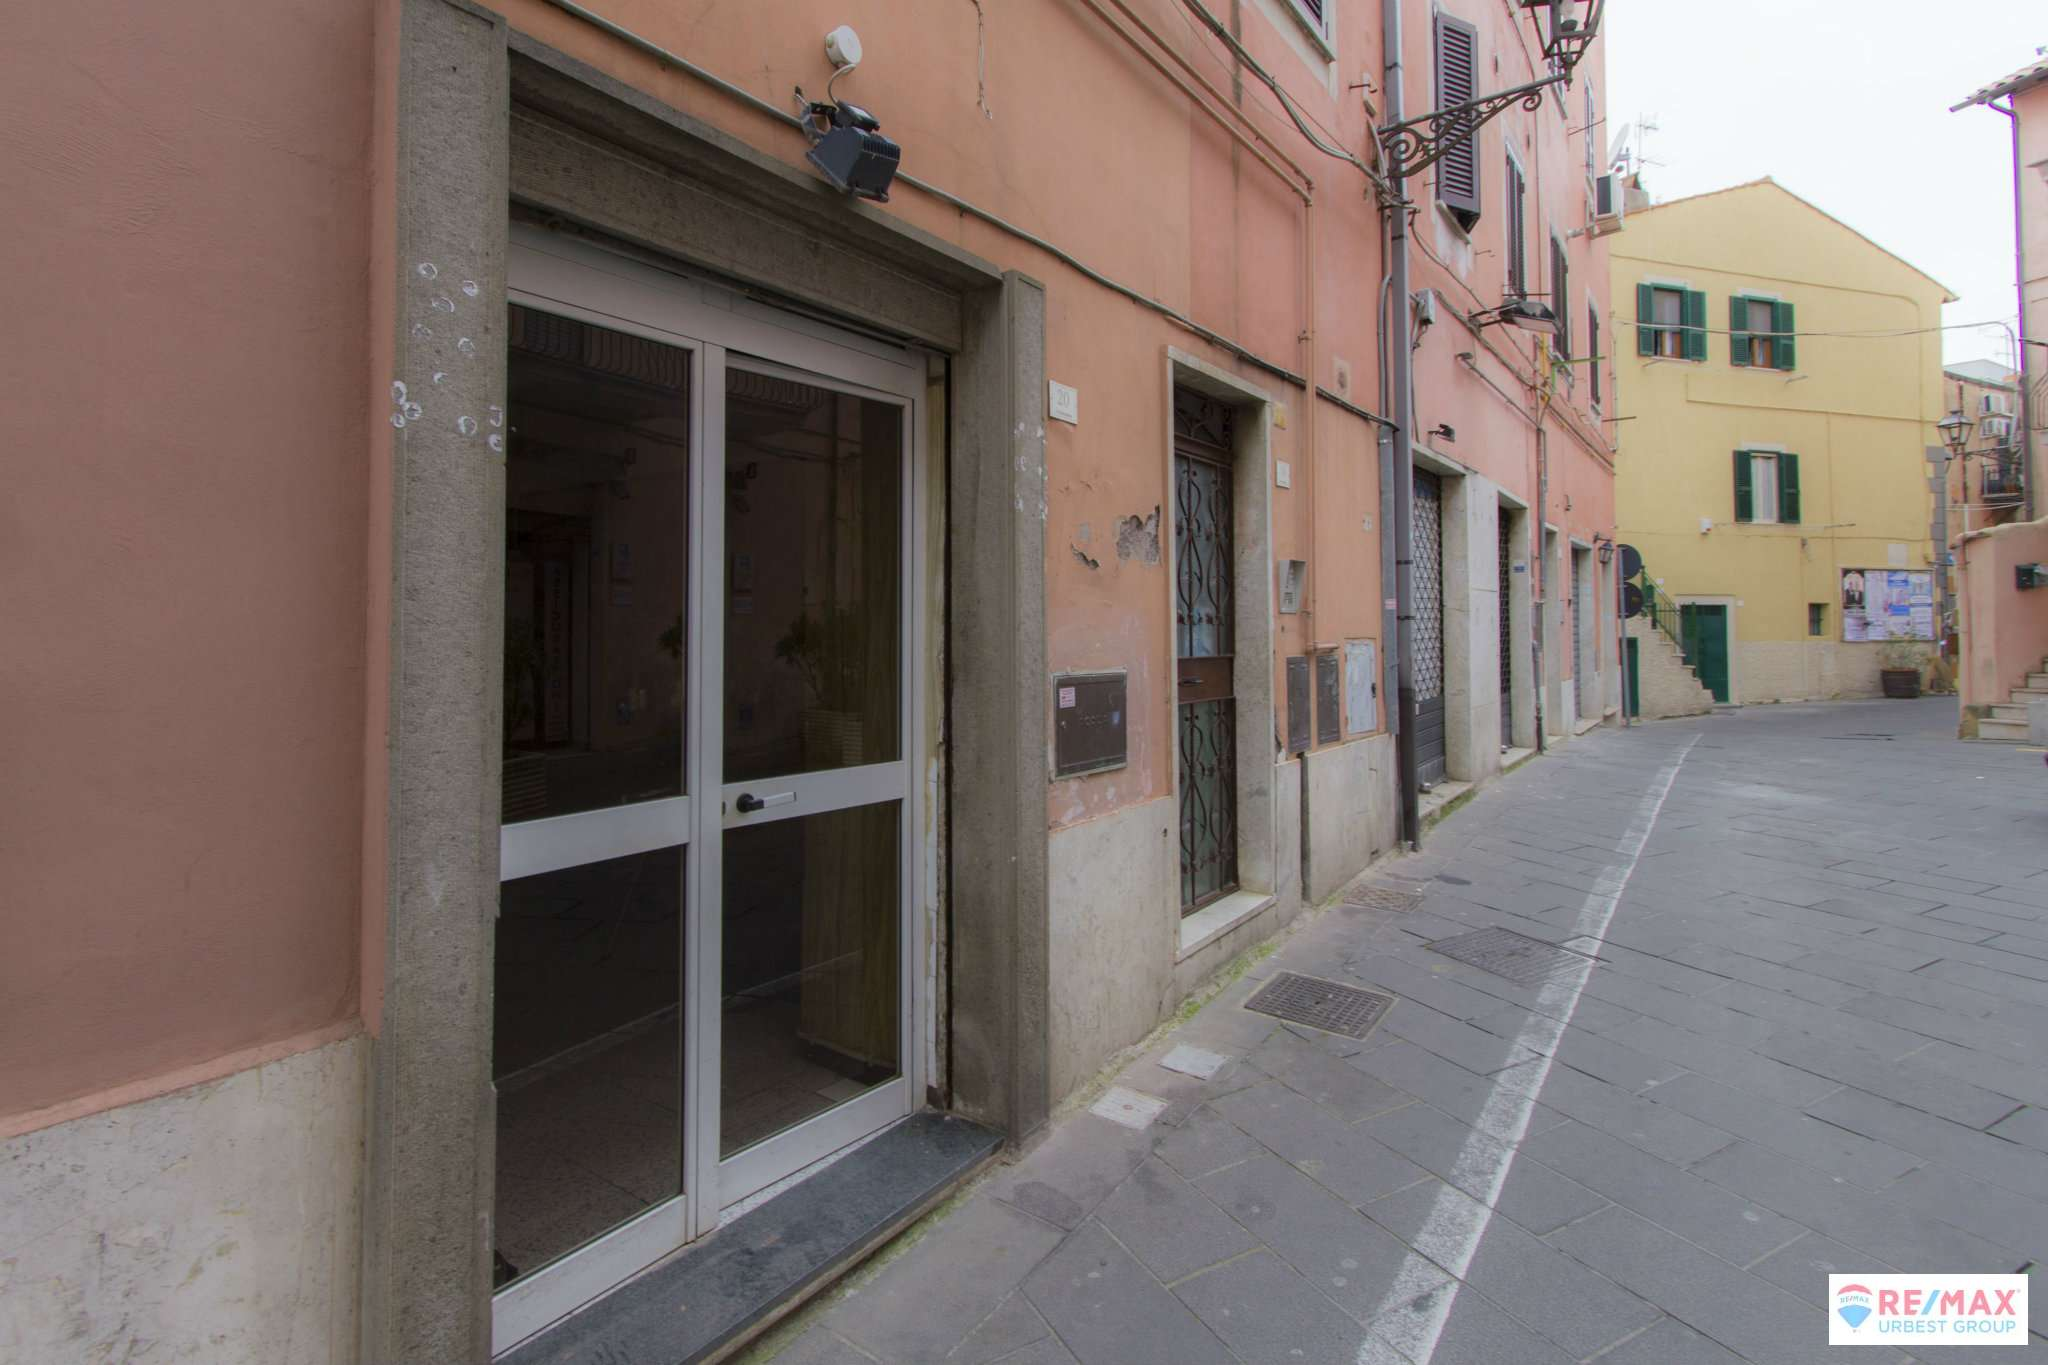 Negozio / Locale in vendita a Ariccia, 2 locali, prezzo € 29.000 | CambioCasa.it